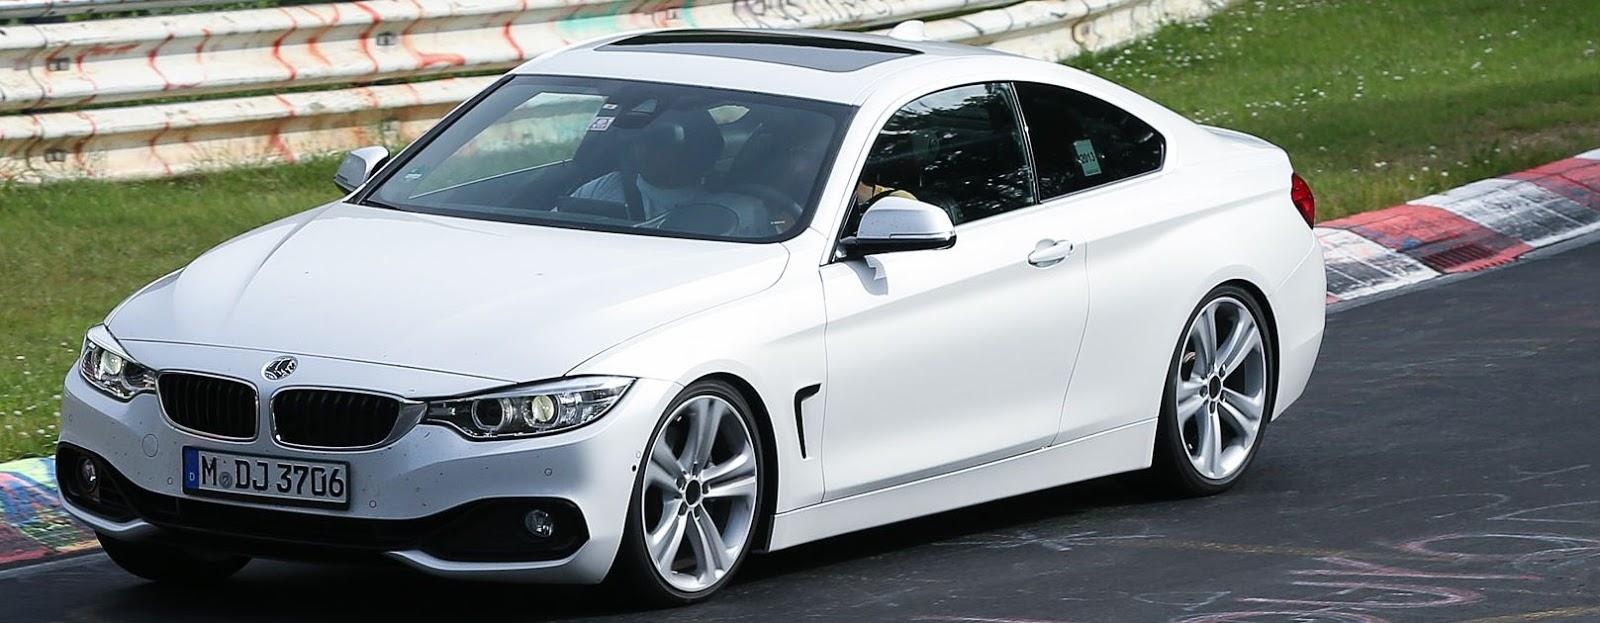 bmw4coupe Μπορεί να με συγκινήσει η BMW 420i; TEST, ΔΟΚΙΜΕΣ